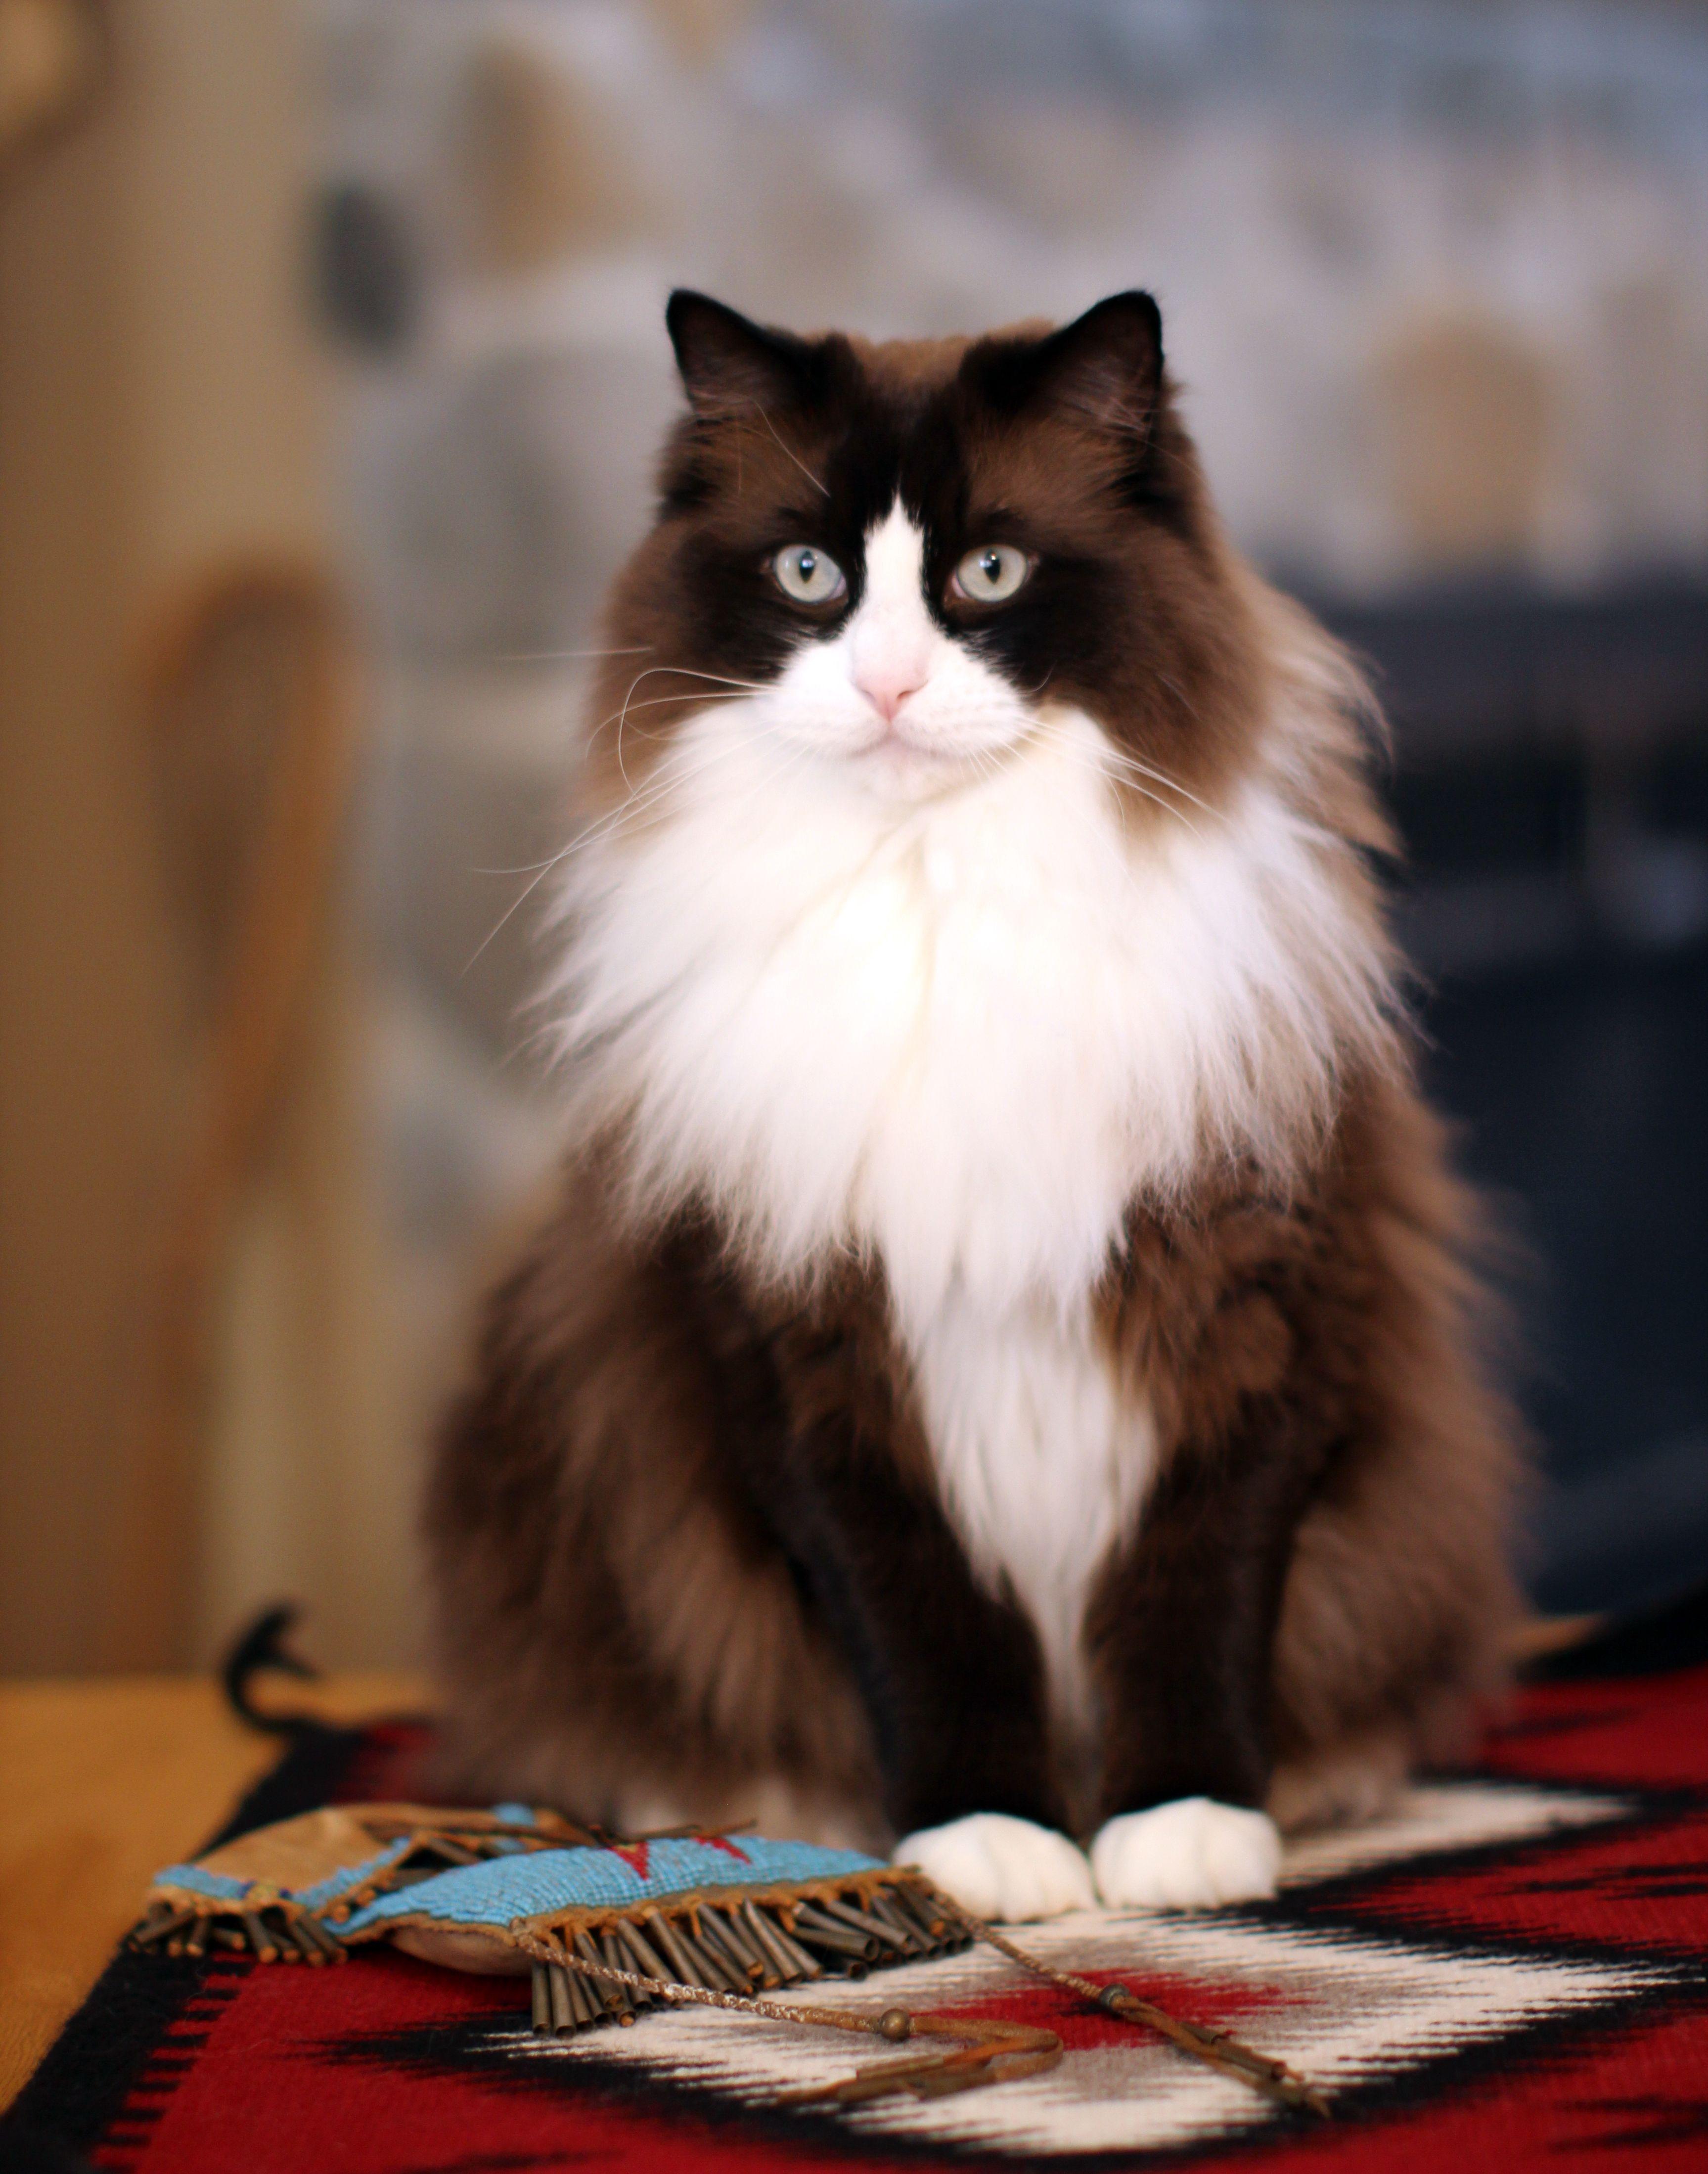 Mingo Ragdoll Of The Week A Seal Mink Bicolor Ragdoll Cat Beautiful Cats Pretty Cats Kittens